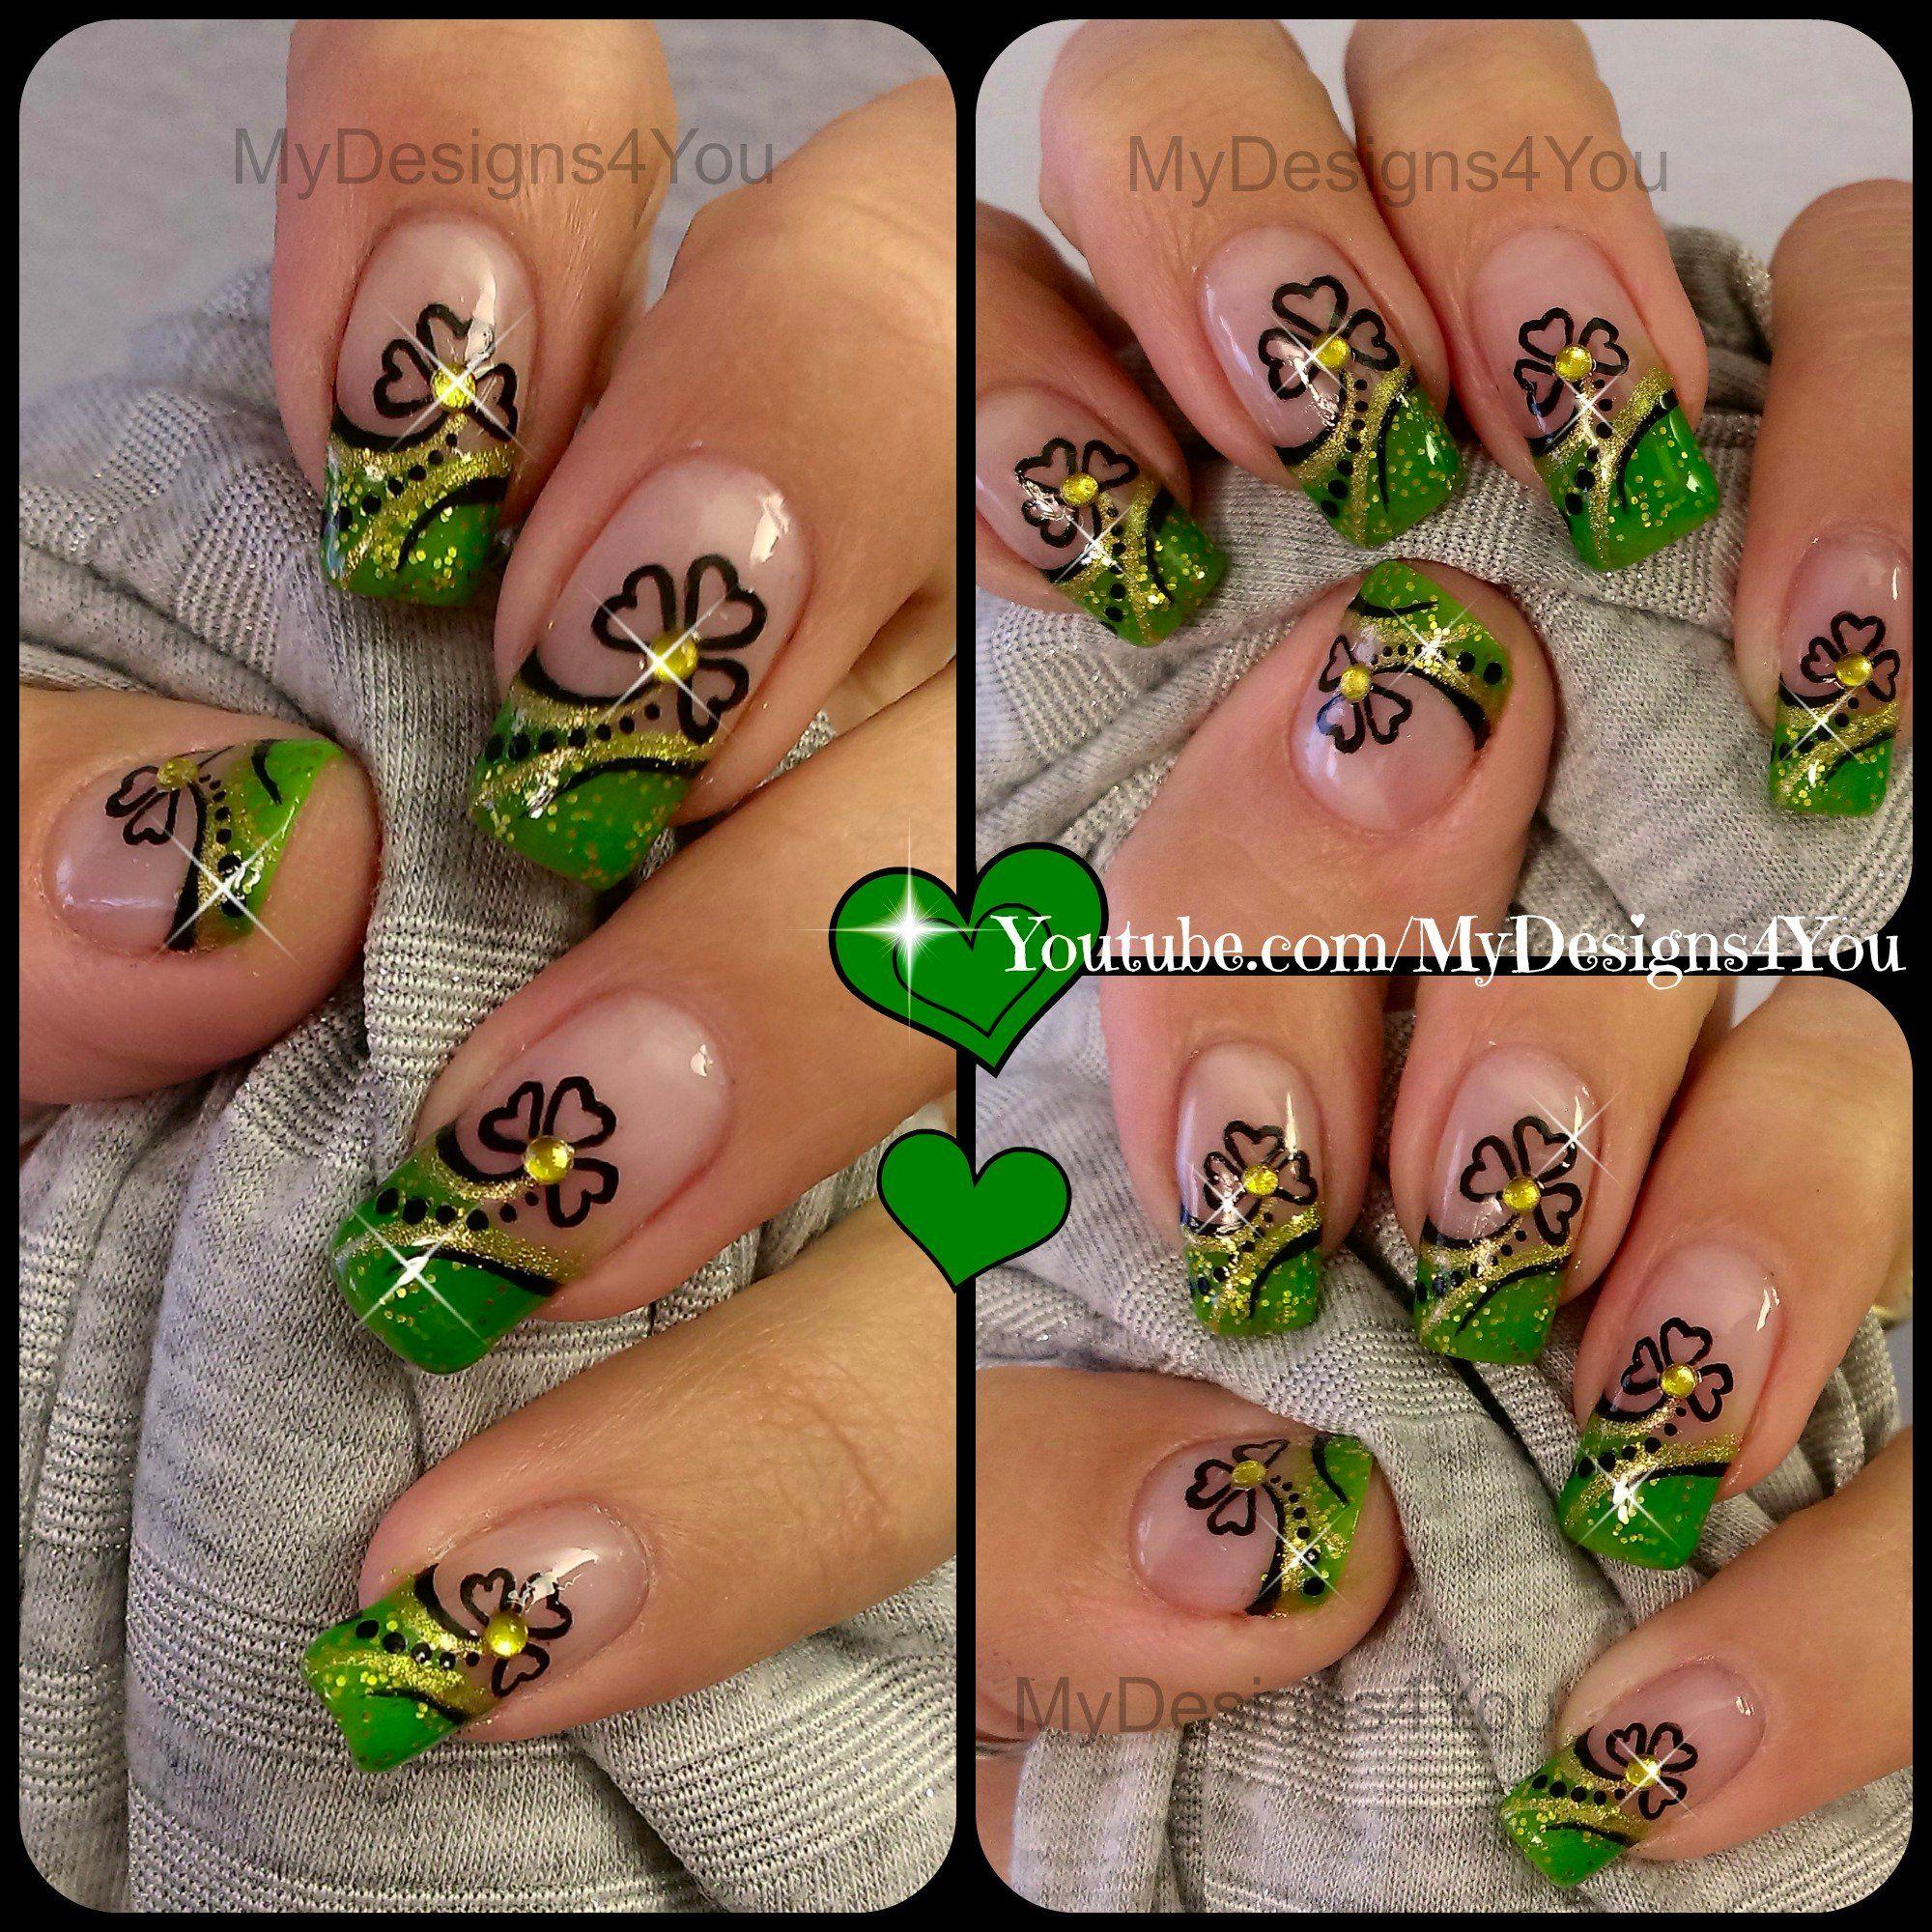 Pin de MyDesigns4You Nail Art en Re-Pin Nail Exchange | Pinterest ...